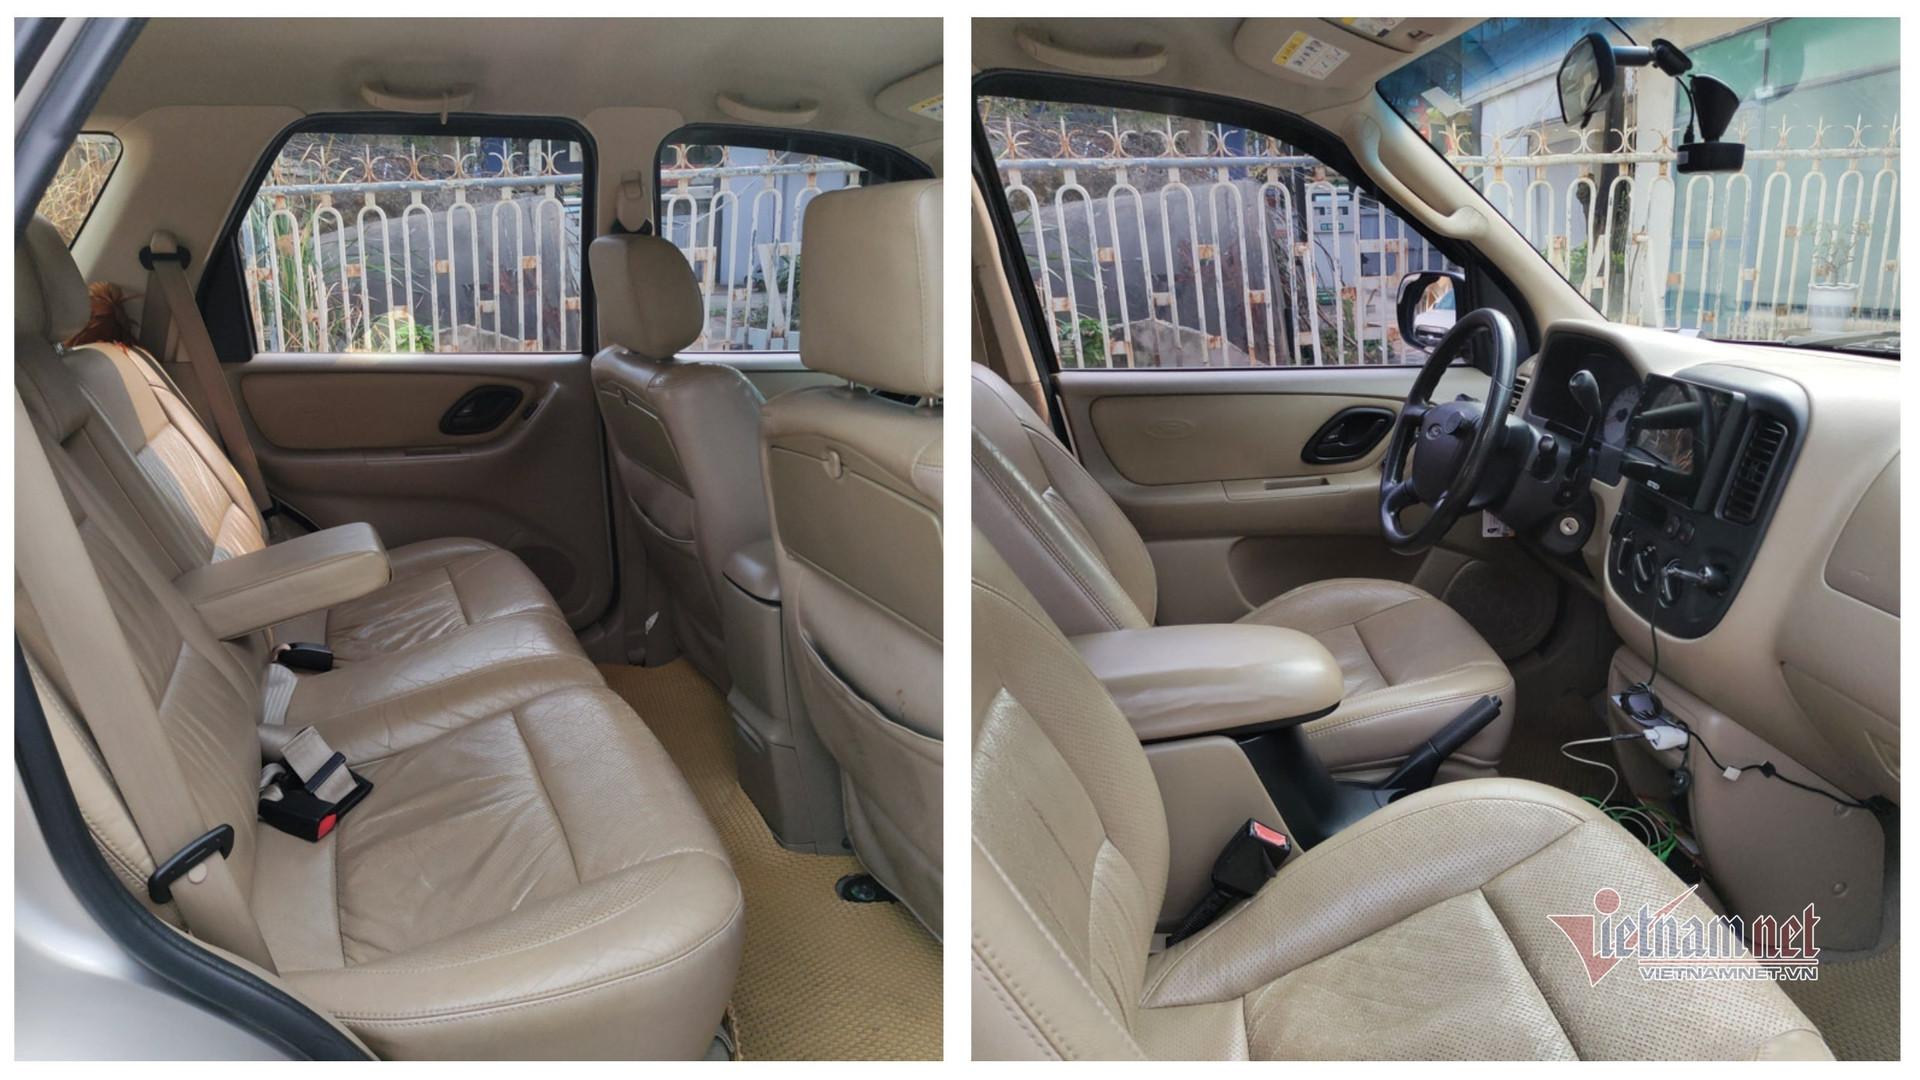 Ford Escape 2007 giá 200 triệu, ngốn xăng nhưng bền bỉ-2